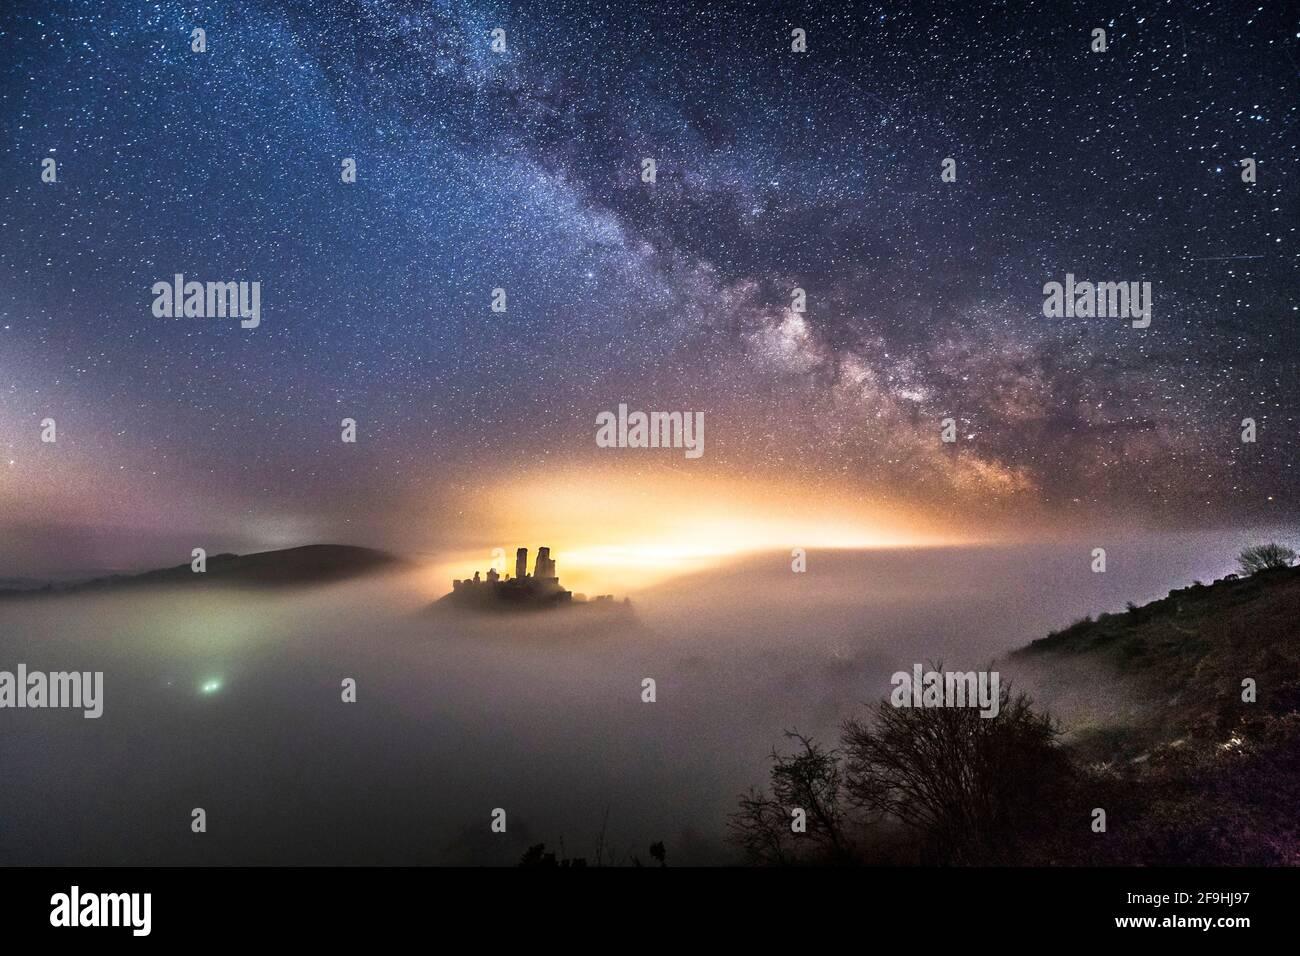 Corfe Castle, Dorset, Royaume-Uni. 19 avril 2021. Météo Royaume-Uni. La voie lactée brille de mille feux au-dessus du château de Corfe à Dorset, entouré d'une mer épaisse de brume par une nuit froide et claire. Crédit photo : Graham Hunt/Alamy Live News Banque D'Images